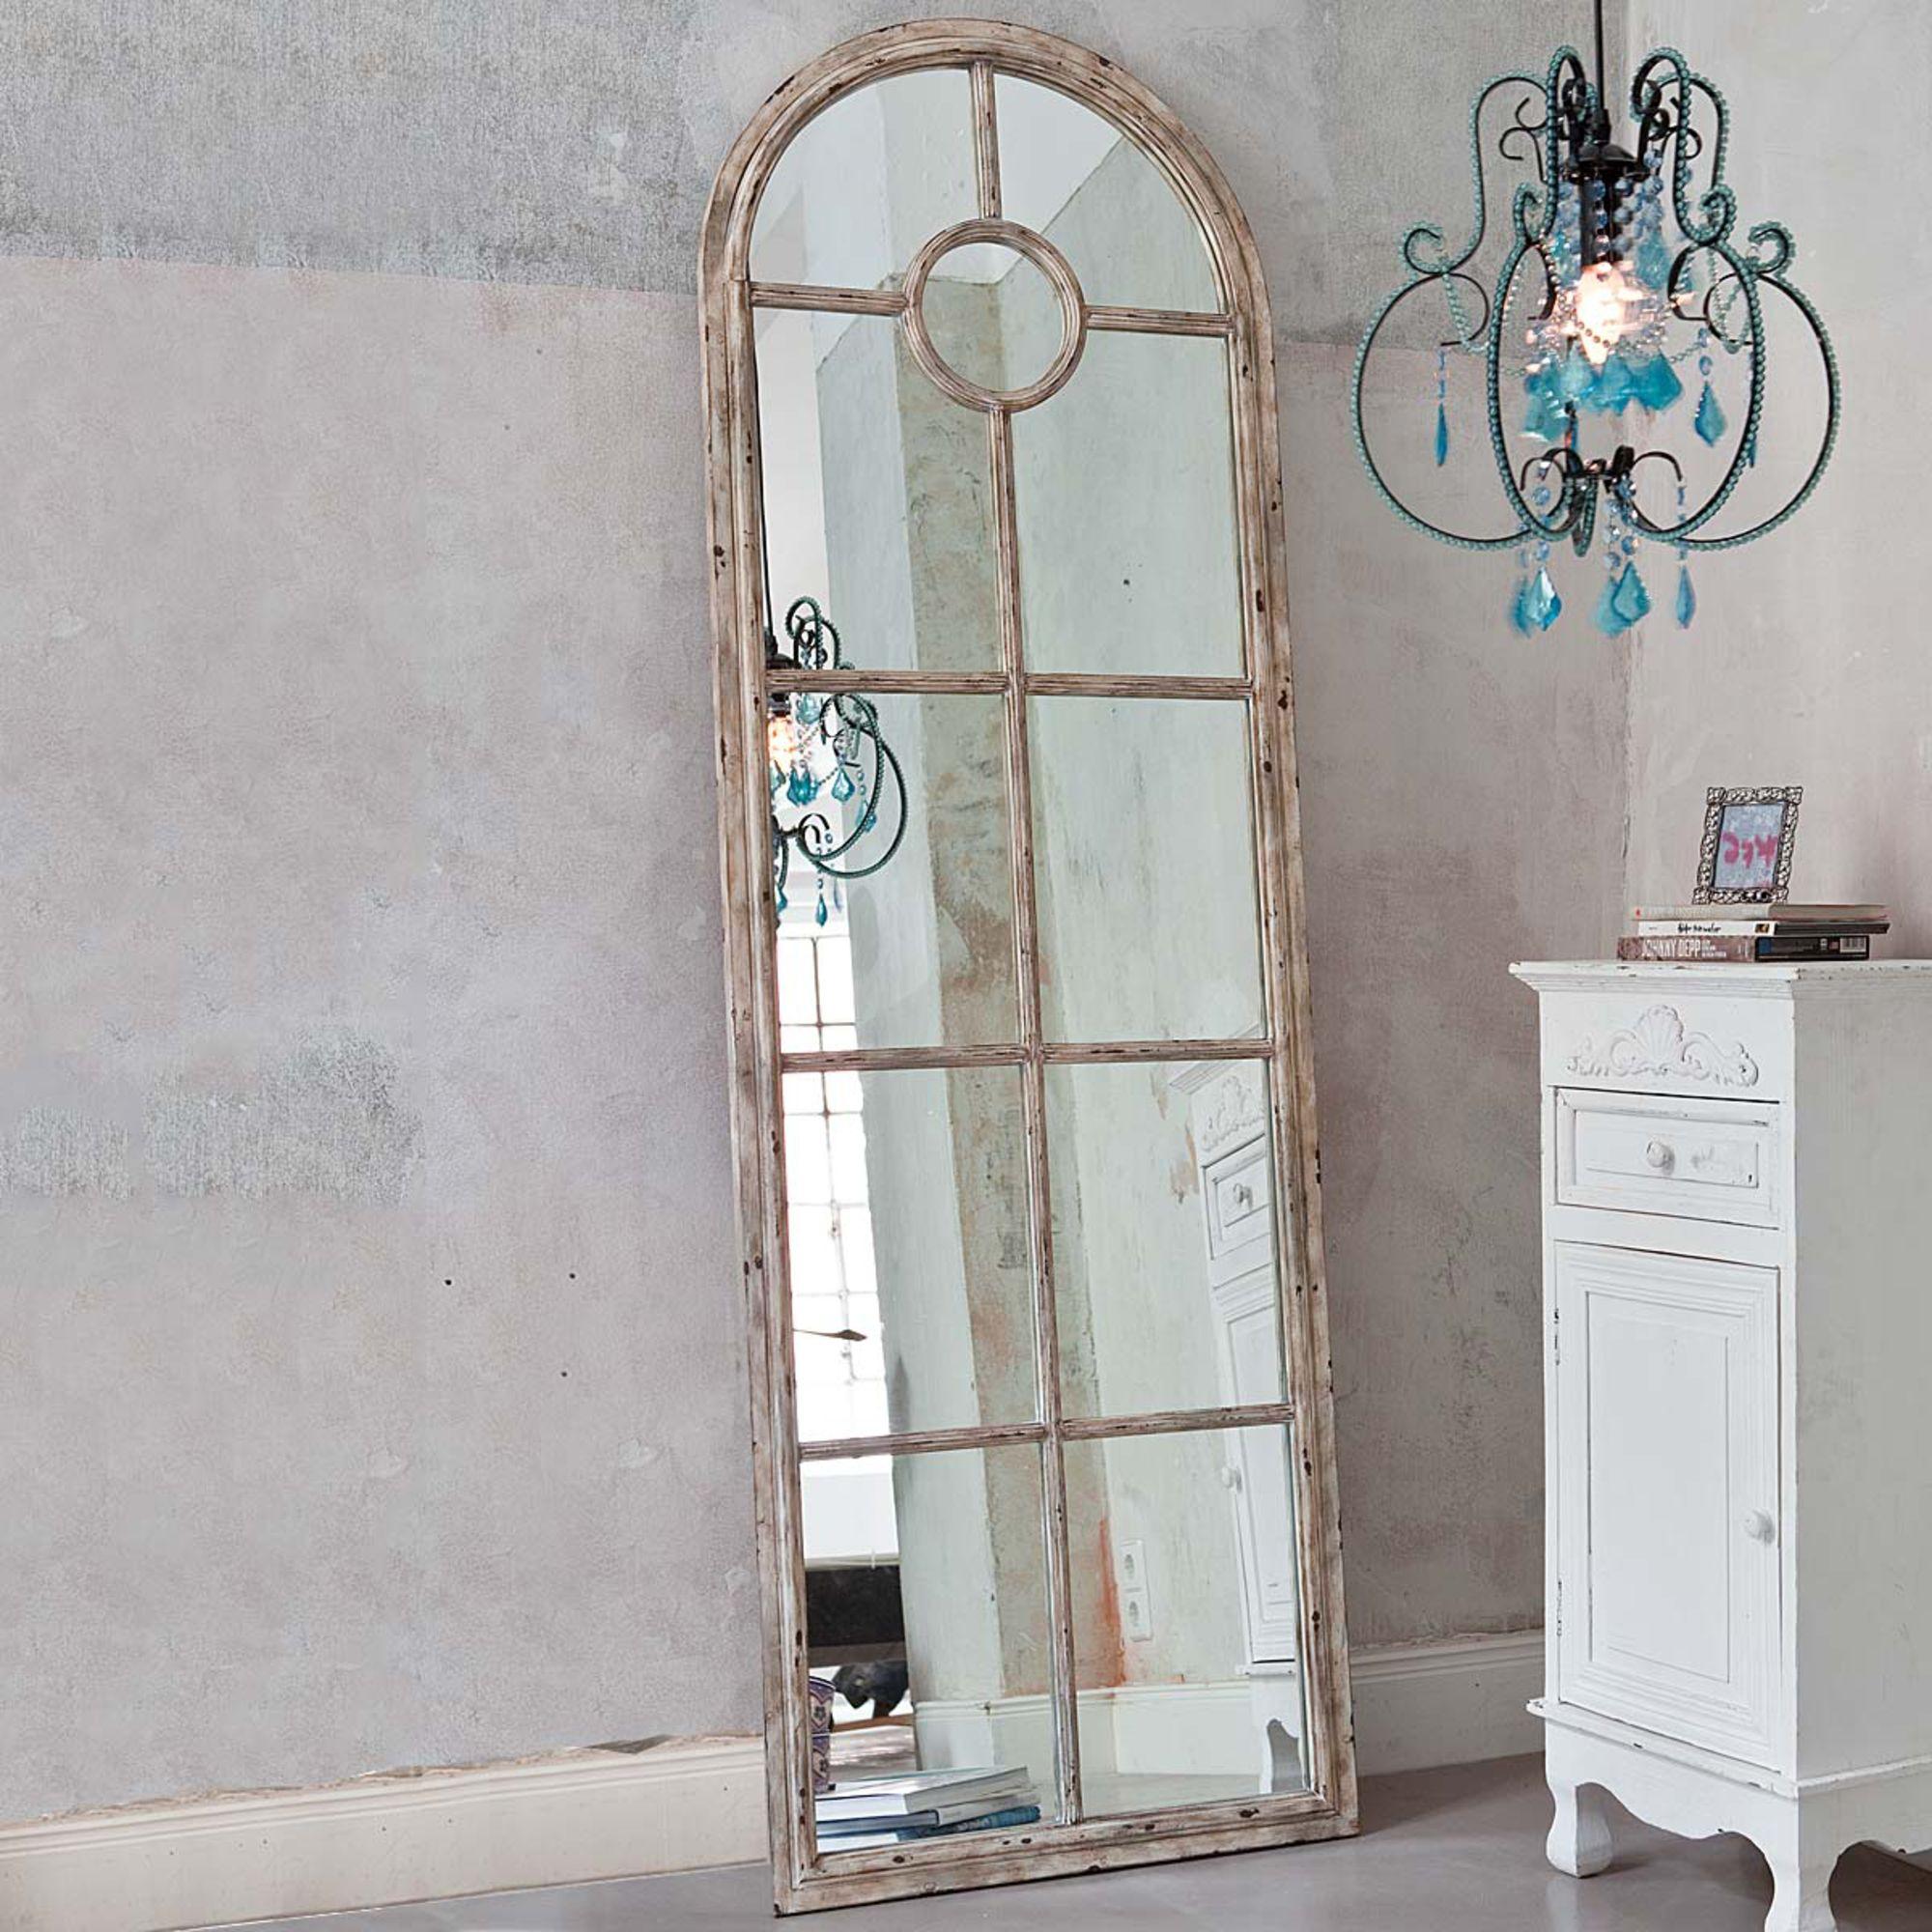 Window Mirror Window Standspiegel Spiegelglas Spiegel Fenster